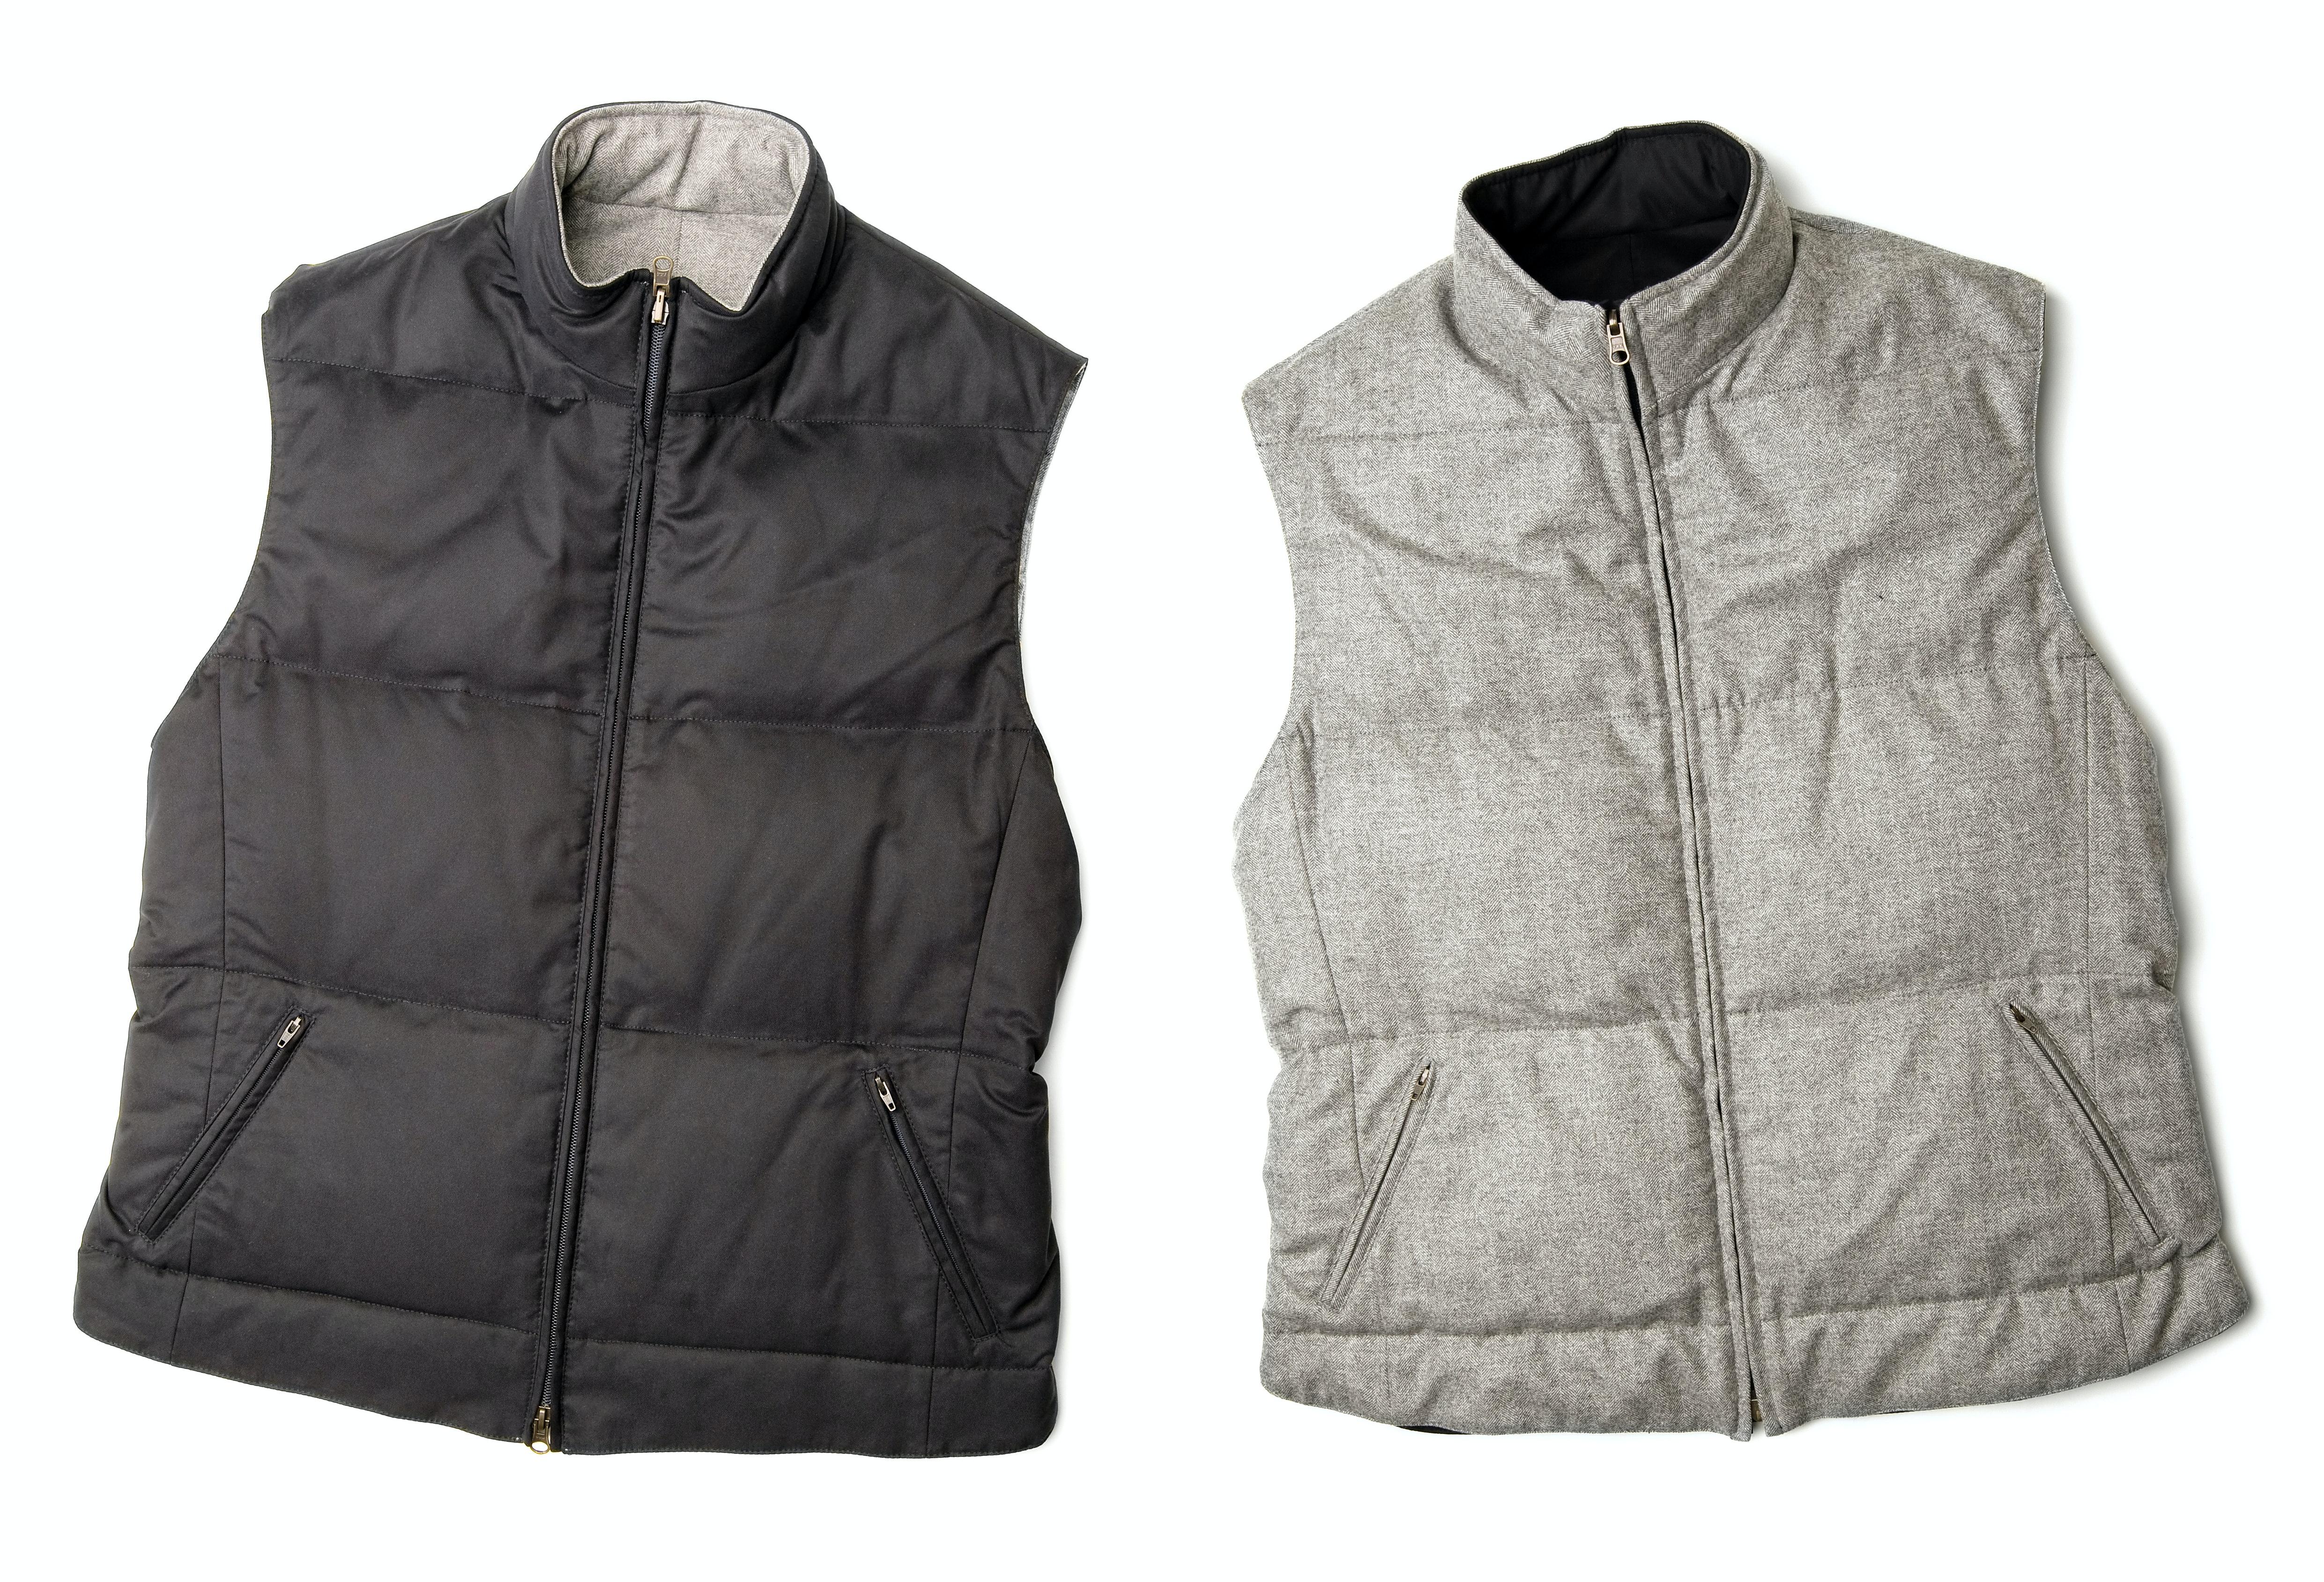 The man in the grey fleece vest